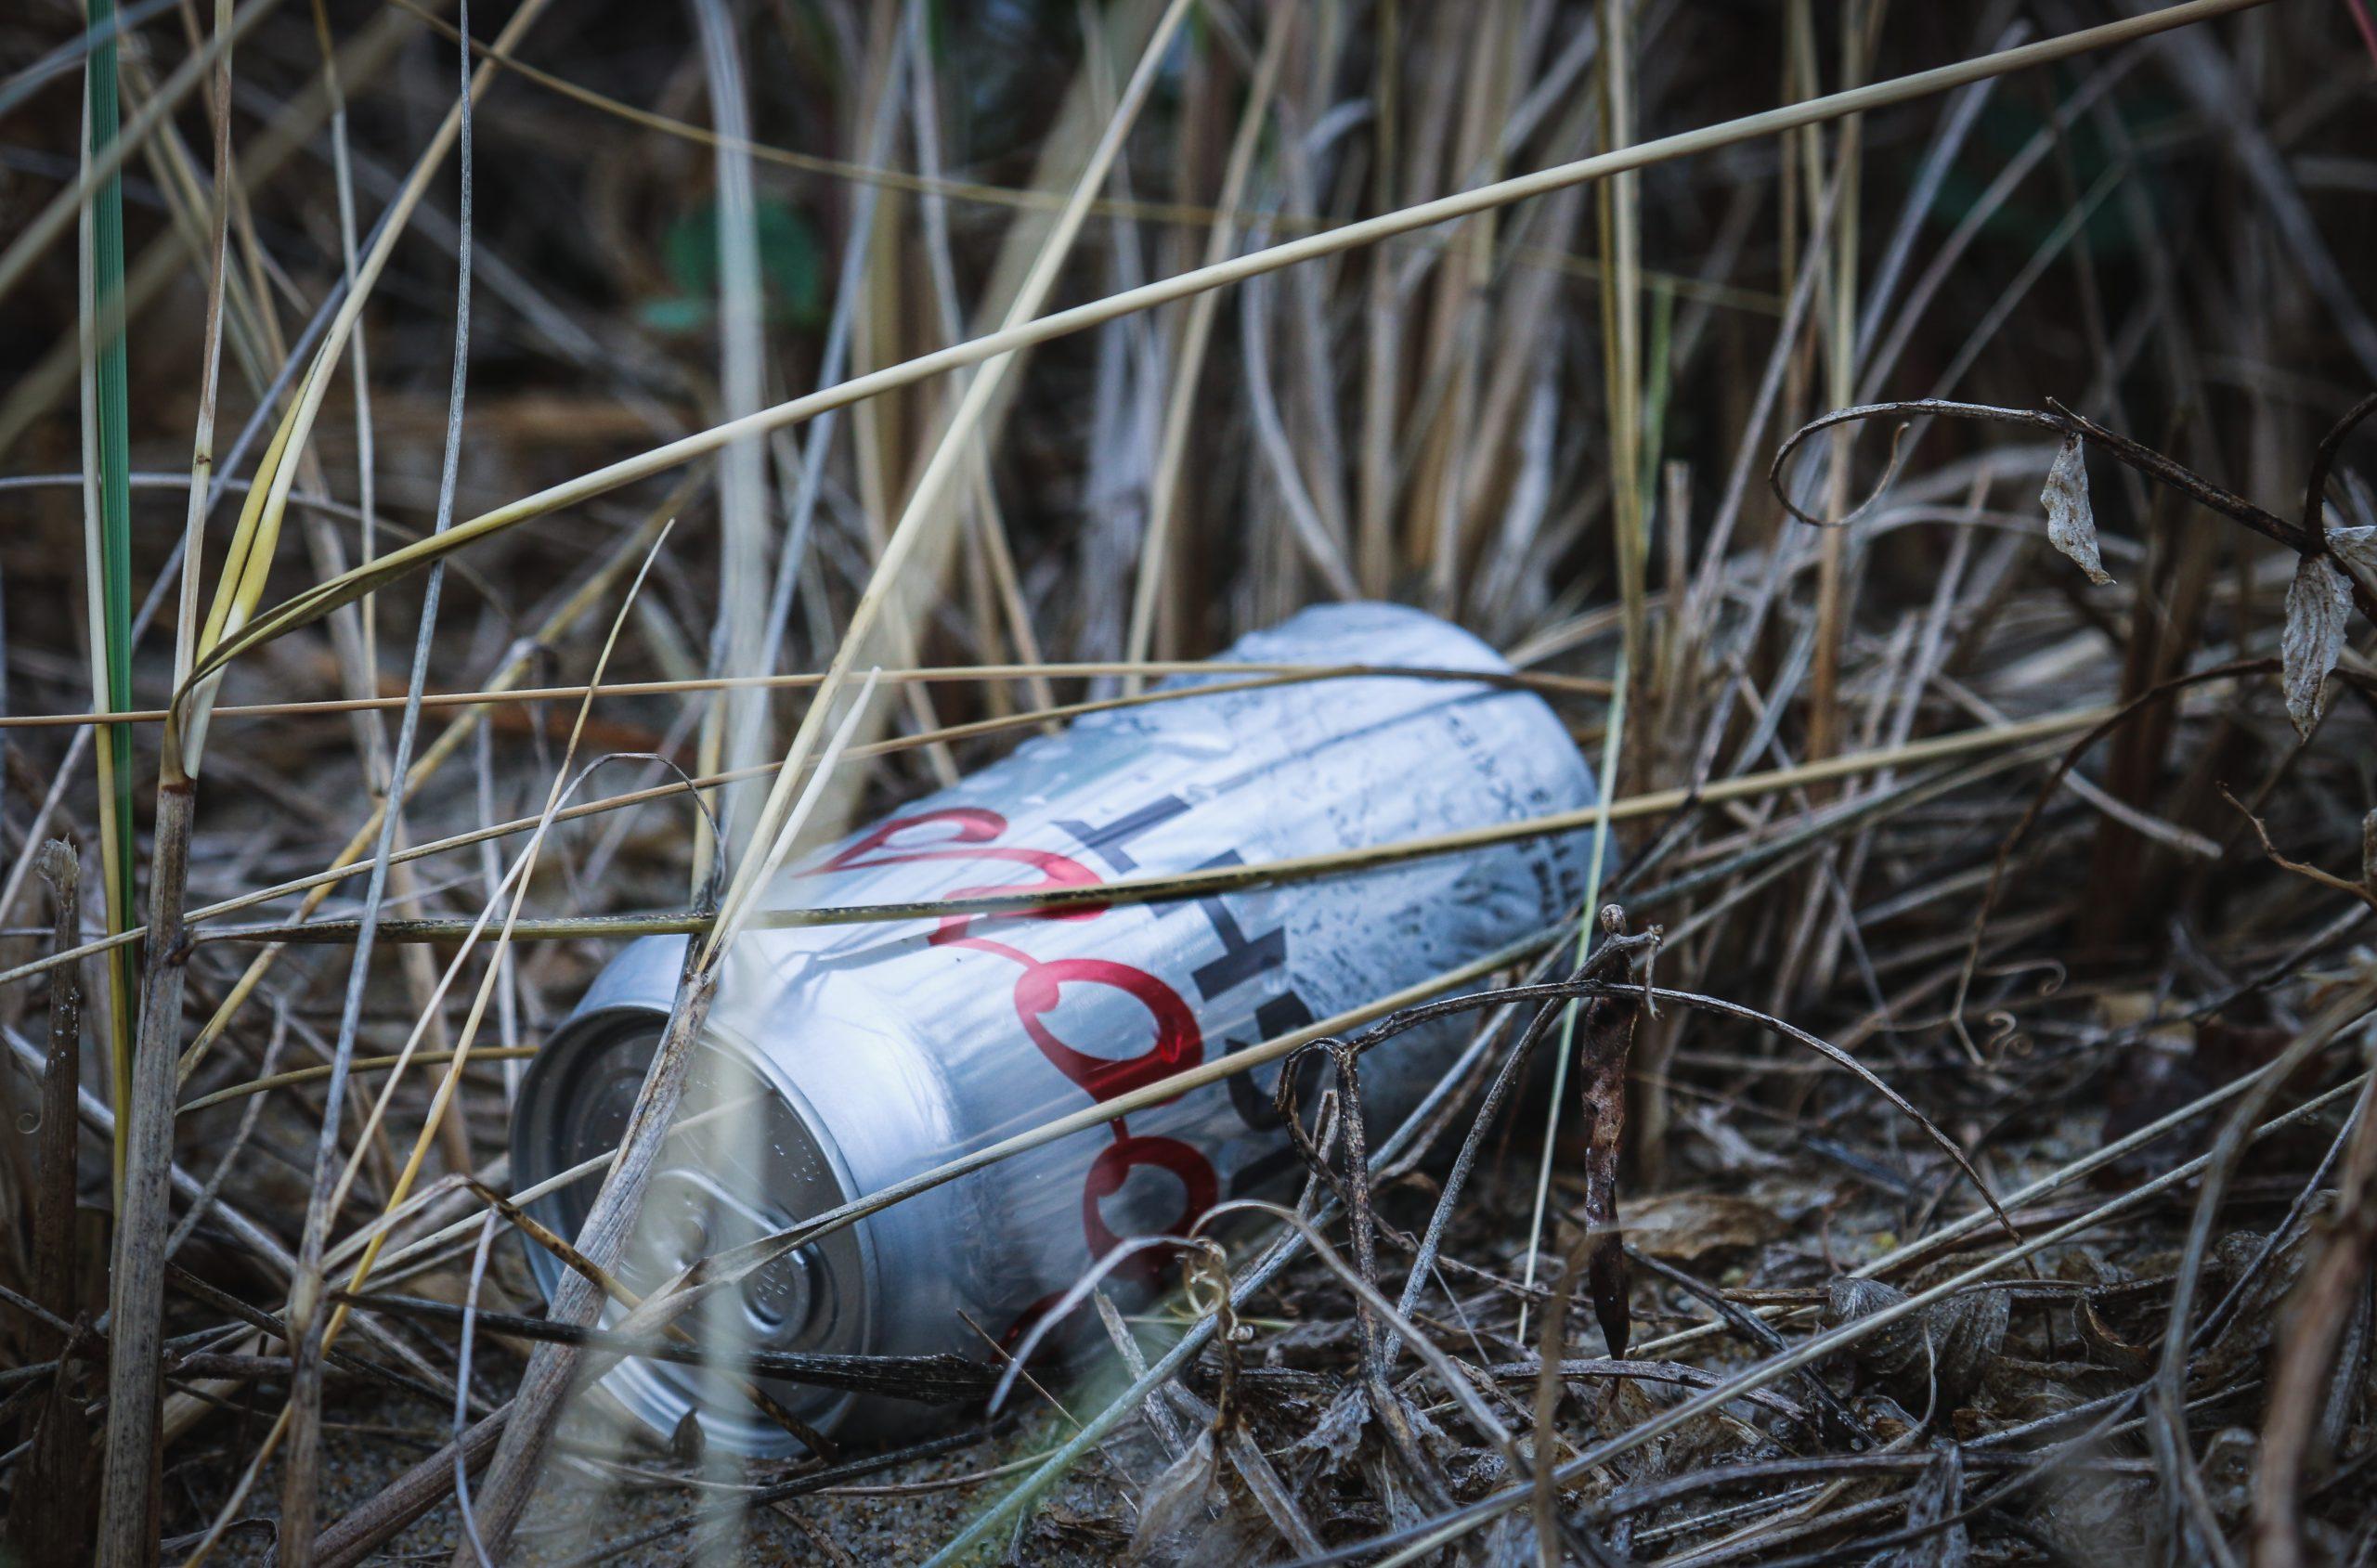 Müll im Gras, Foto Von Brian Yurasits auf Unsplash